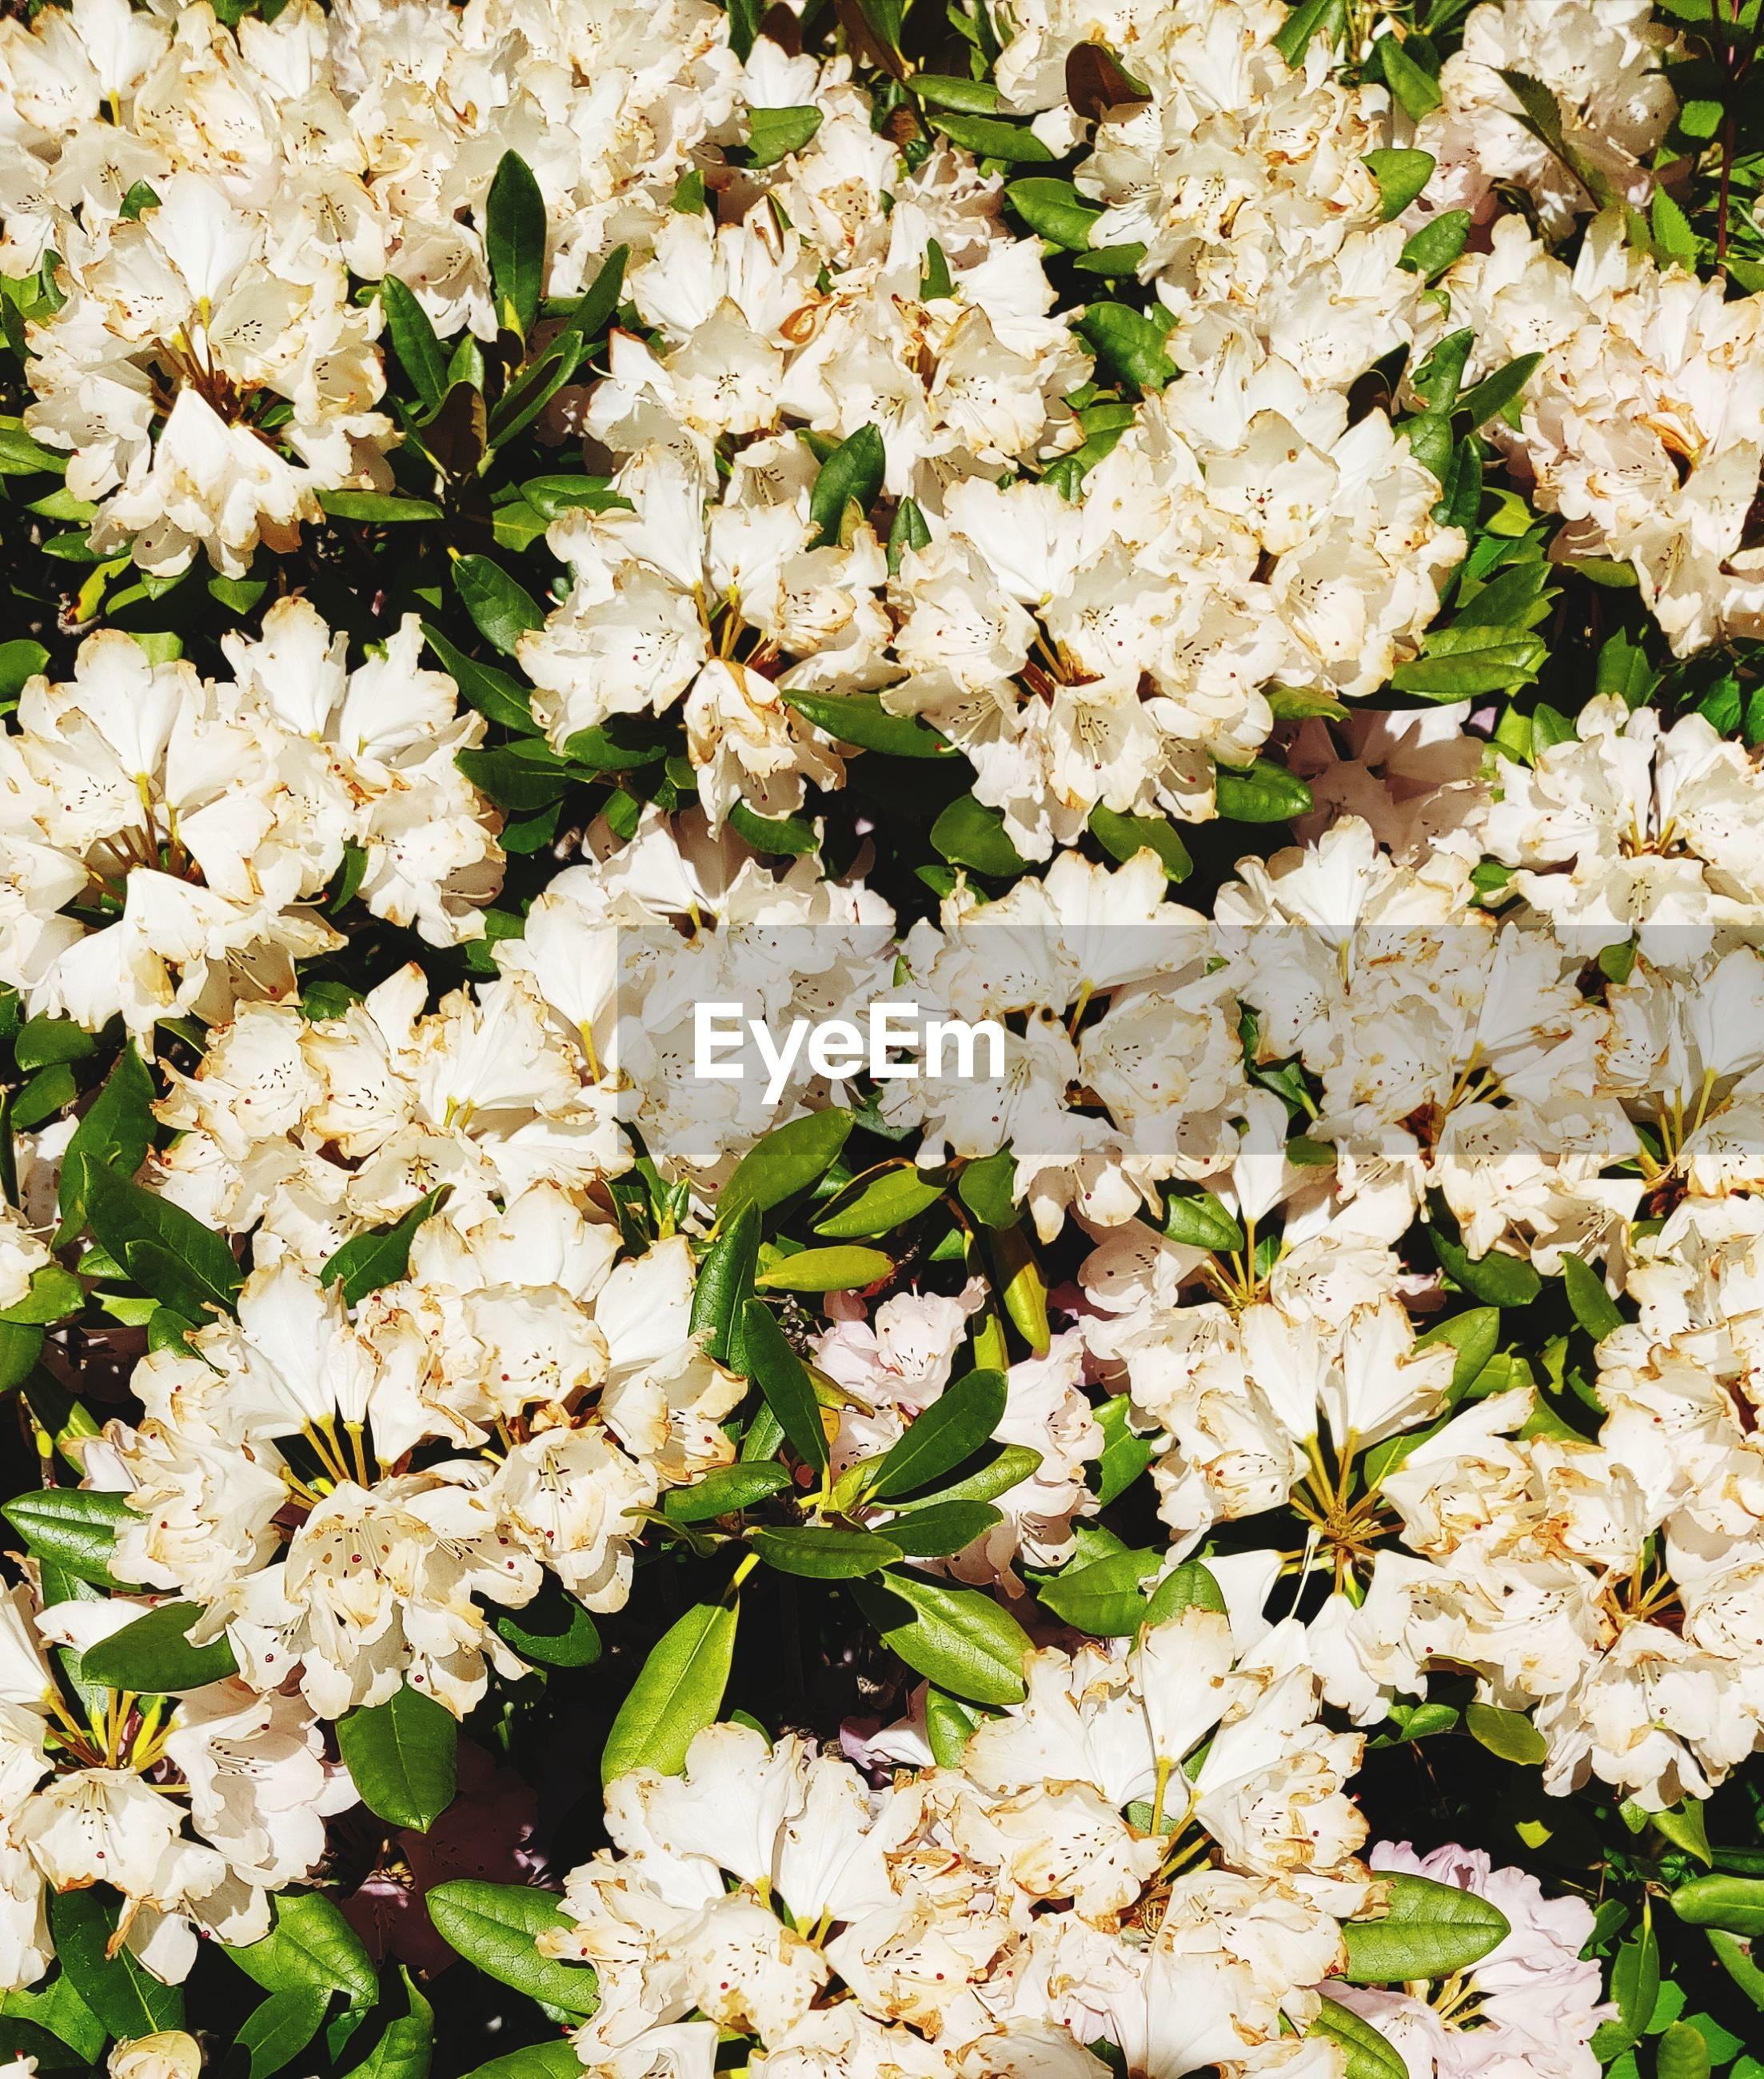 FULL FRAME SHOT OF WHITE FLOWERING PLANT